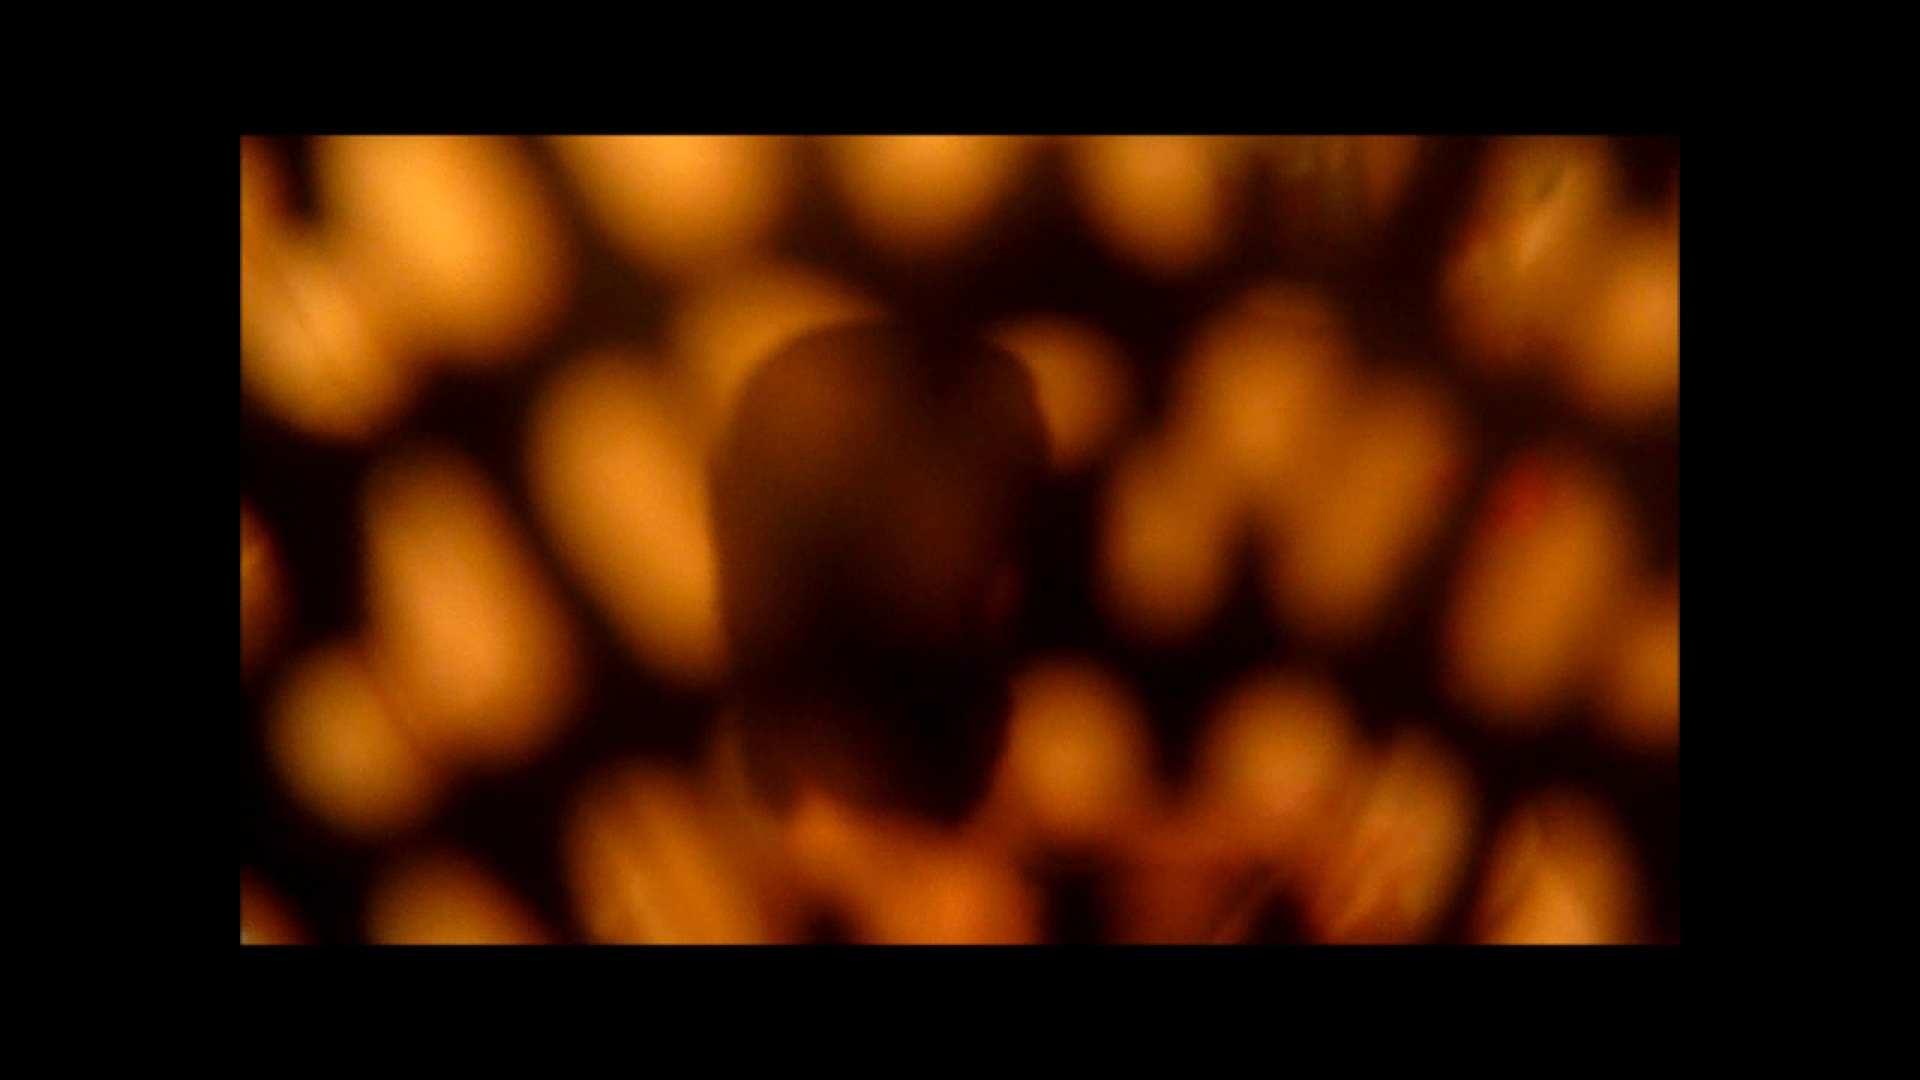 【02】ベランダに侵入して張り込みを始めて・・・やっと結果が出ました。 家宅侵入   0  107pic 67